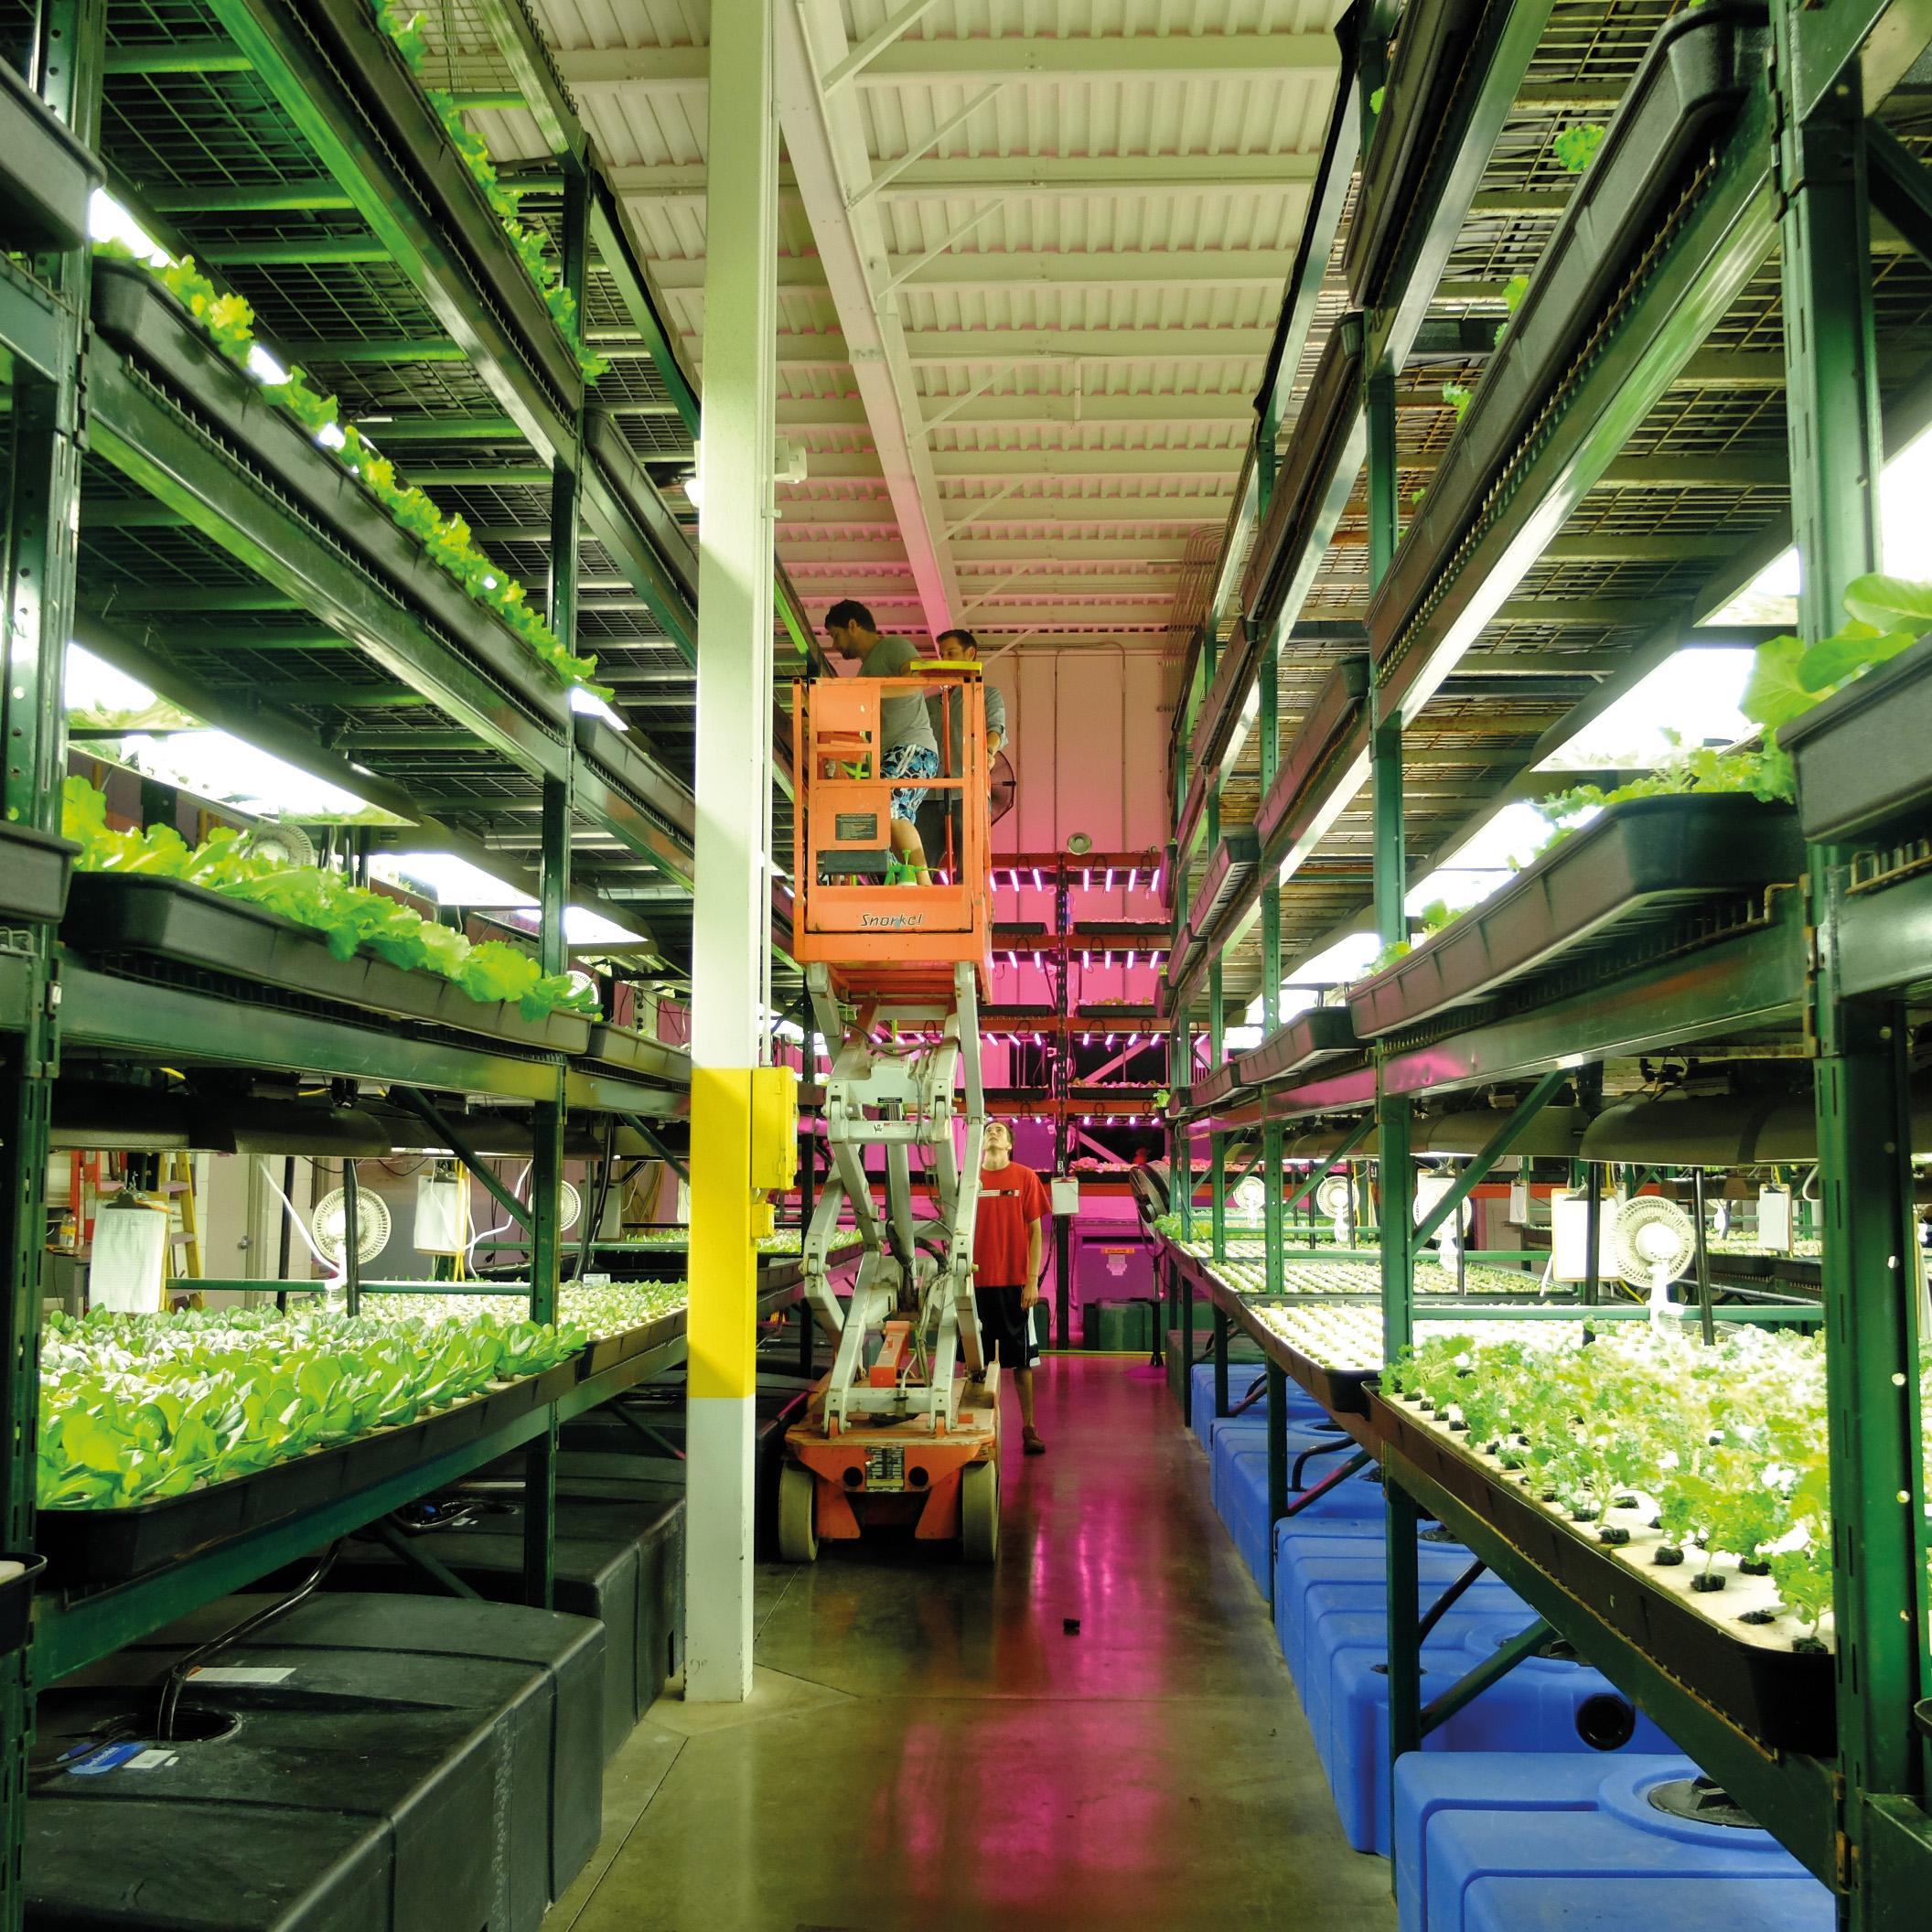 Dans certaines fermes urbaines high-tech, le végétal, surtout des légumes feuilles, pousse entièrement sous atmosphère contrôlée et lumière artificielle. Green Spirit Farm. Michigan (États-Unis). 2015 - © Elise Fargetton